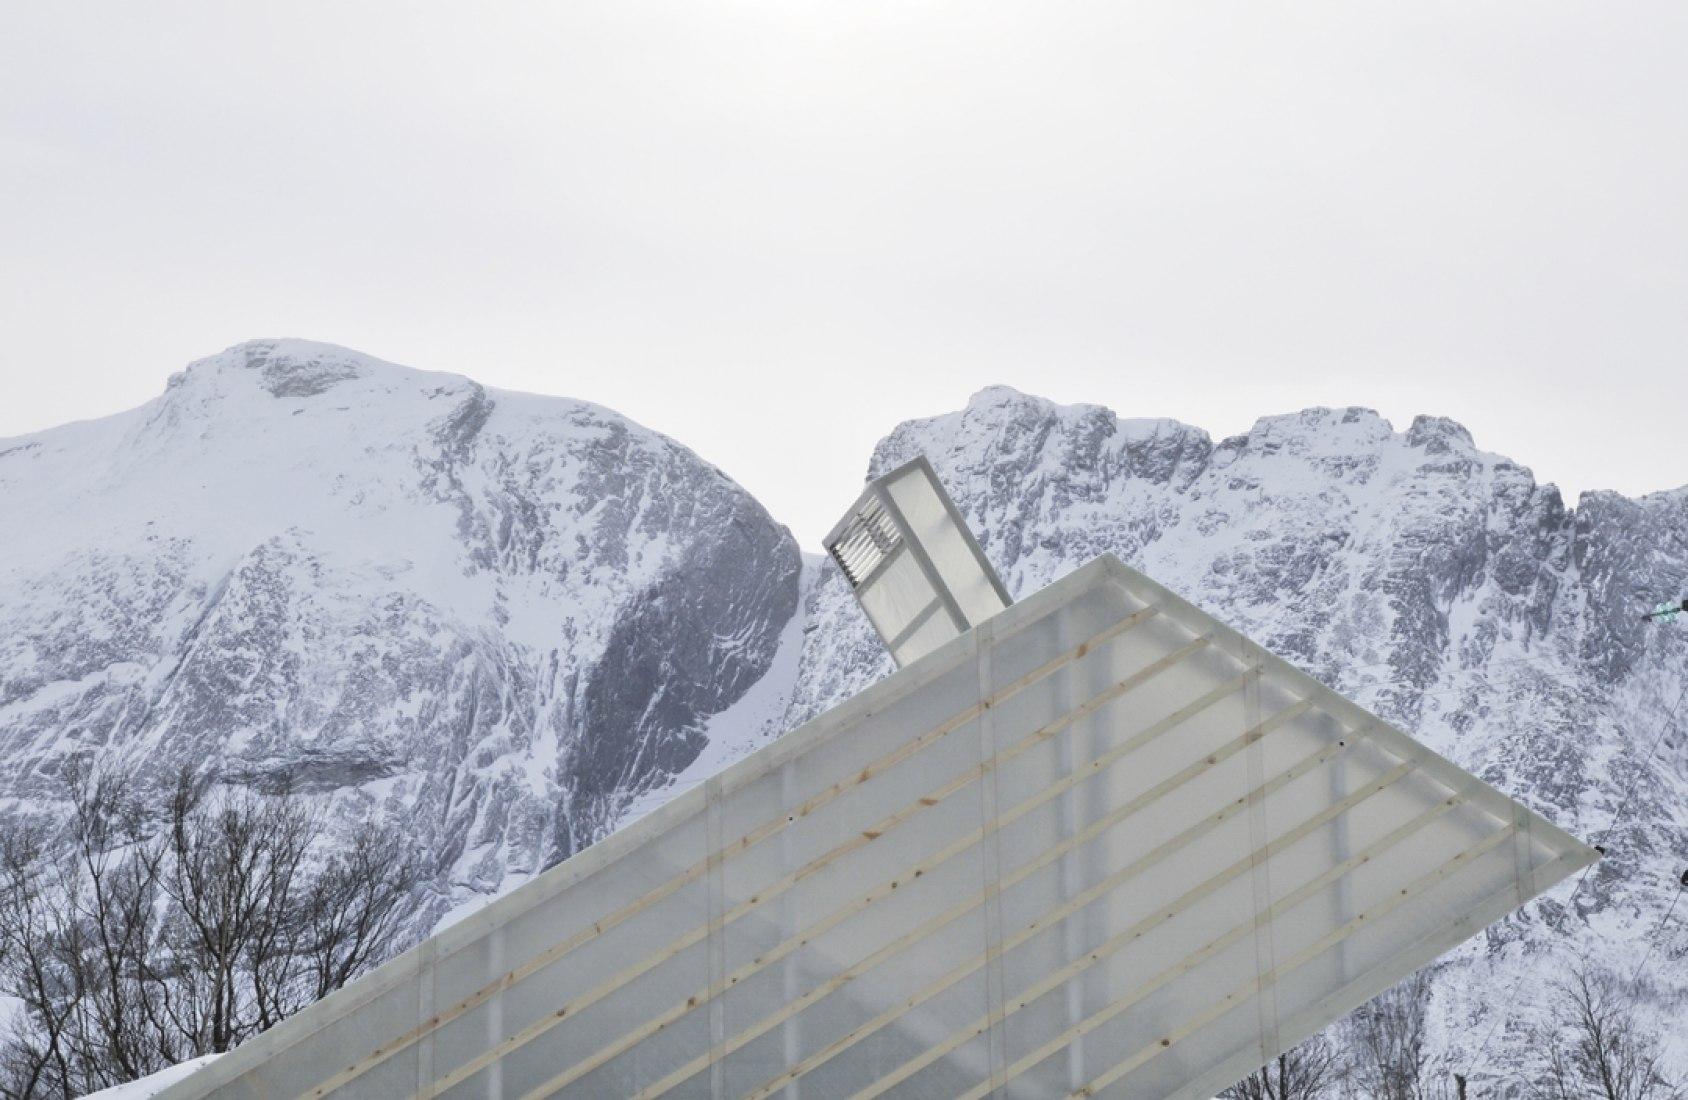 Roof detail. Photography © Courtesy of Carl-Viggo Hølmebakk.